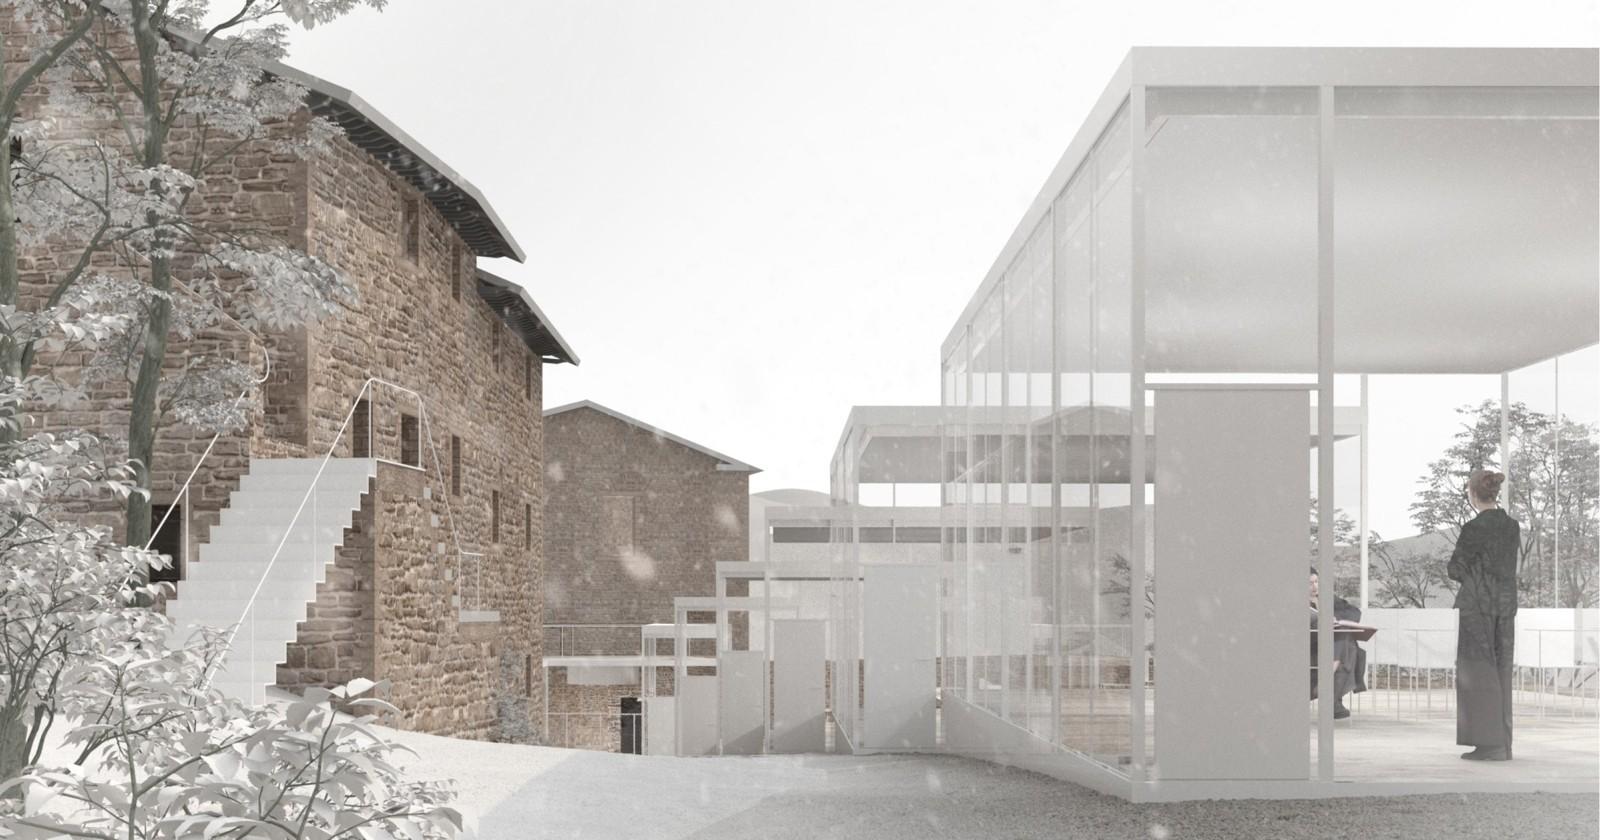 Un volume etereo per un campus di design ai piedi della Rocca di Modigliana (FC)